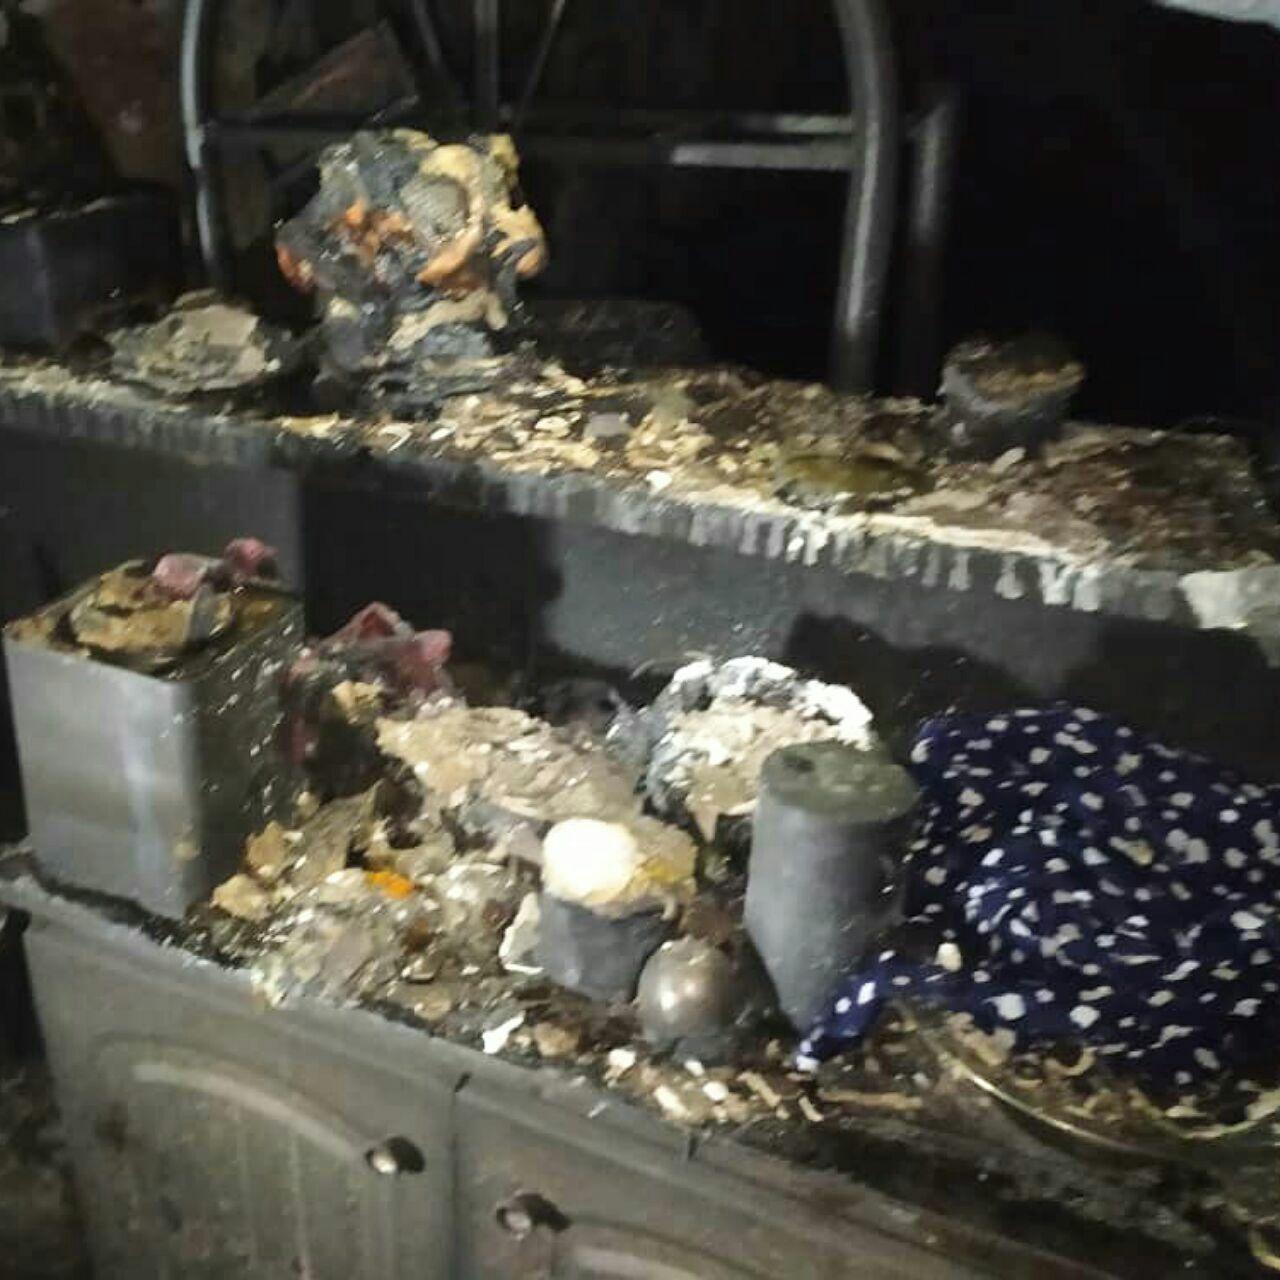 زنده زنده سوختن زن جوان و ۲ فرزندش در آتش / بقیه خانواده کجا هستند؟+ عکس / خرم آباد